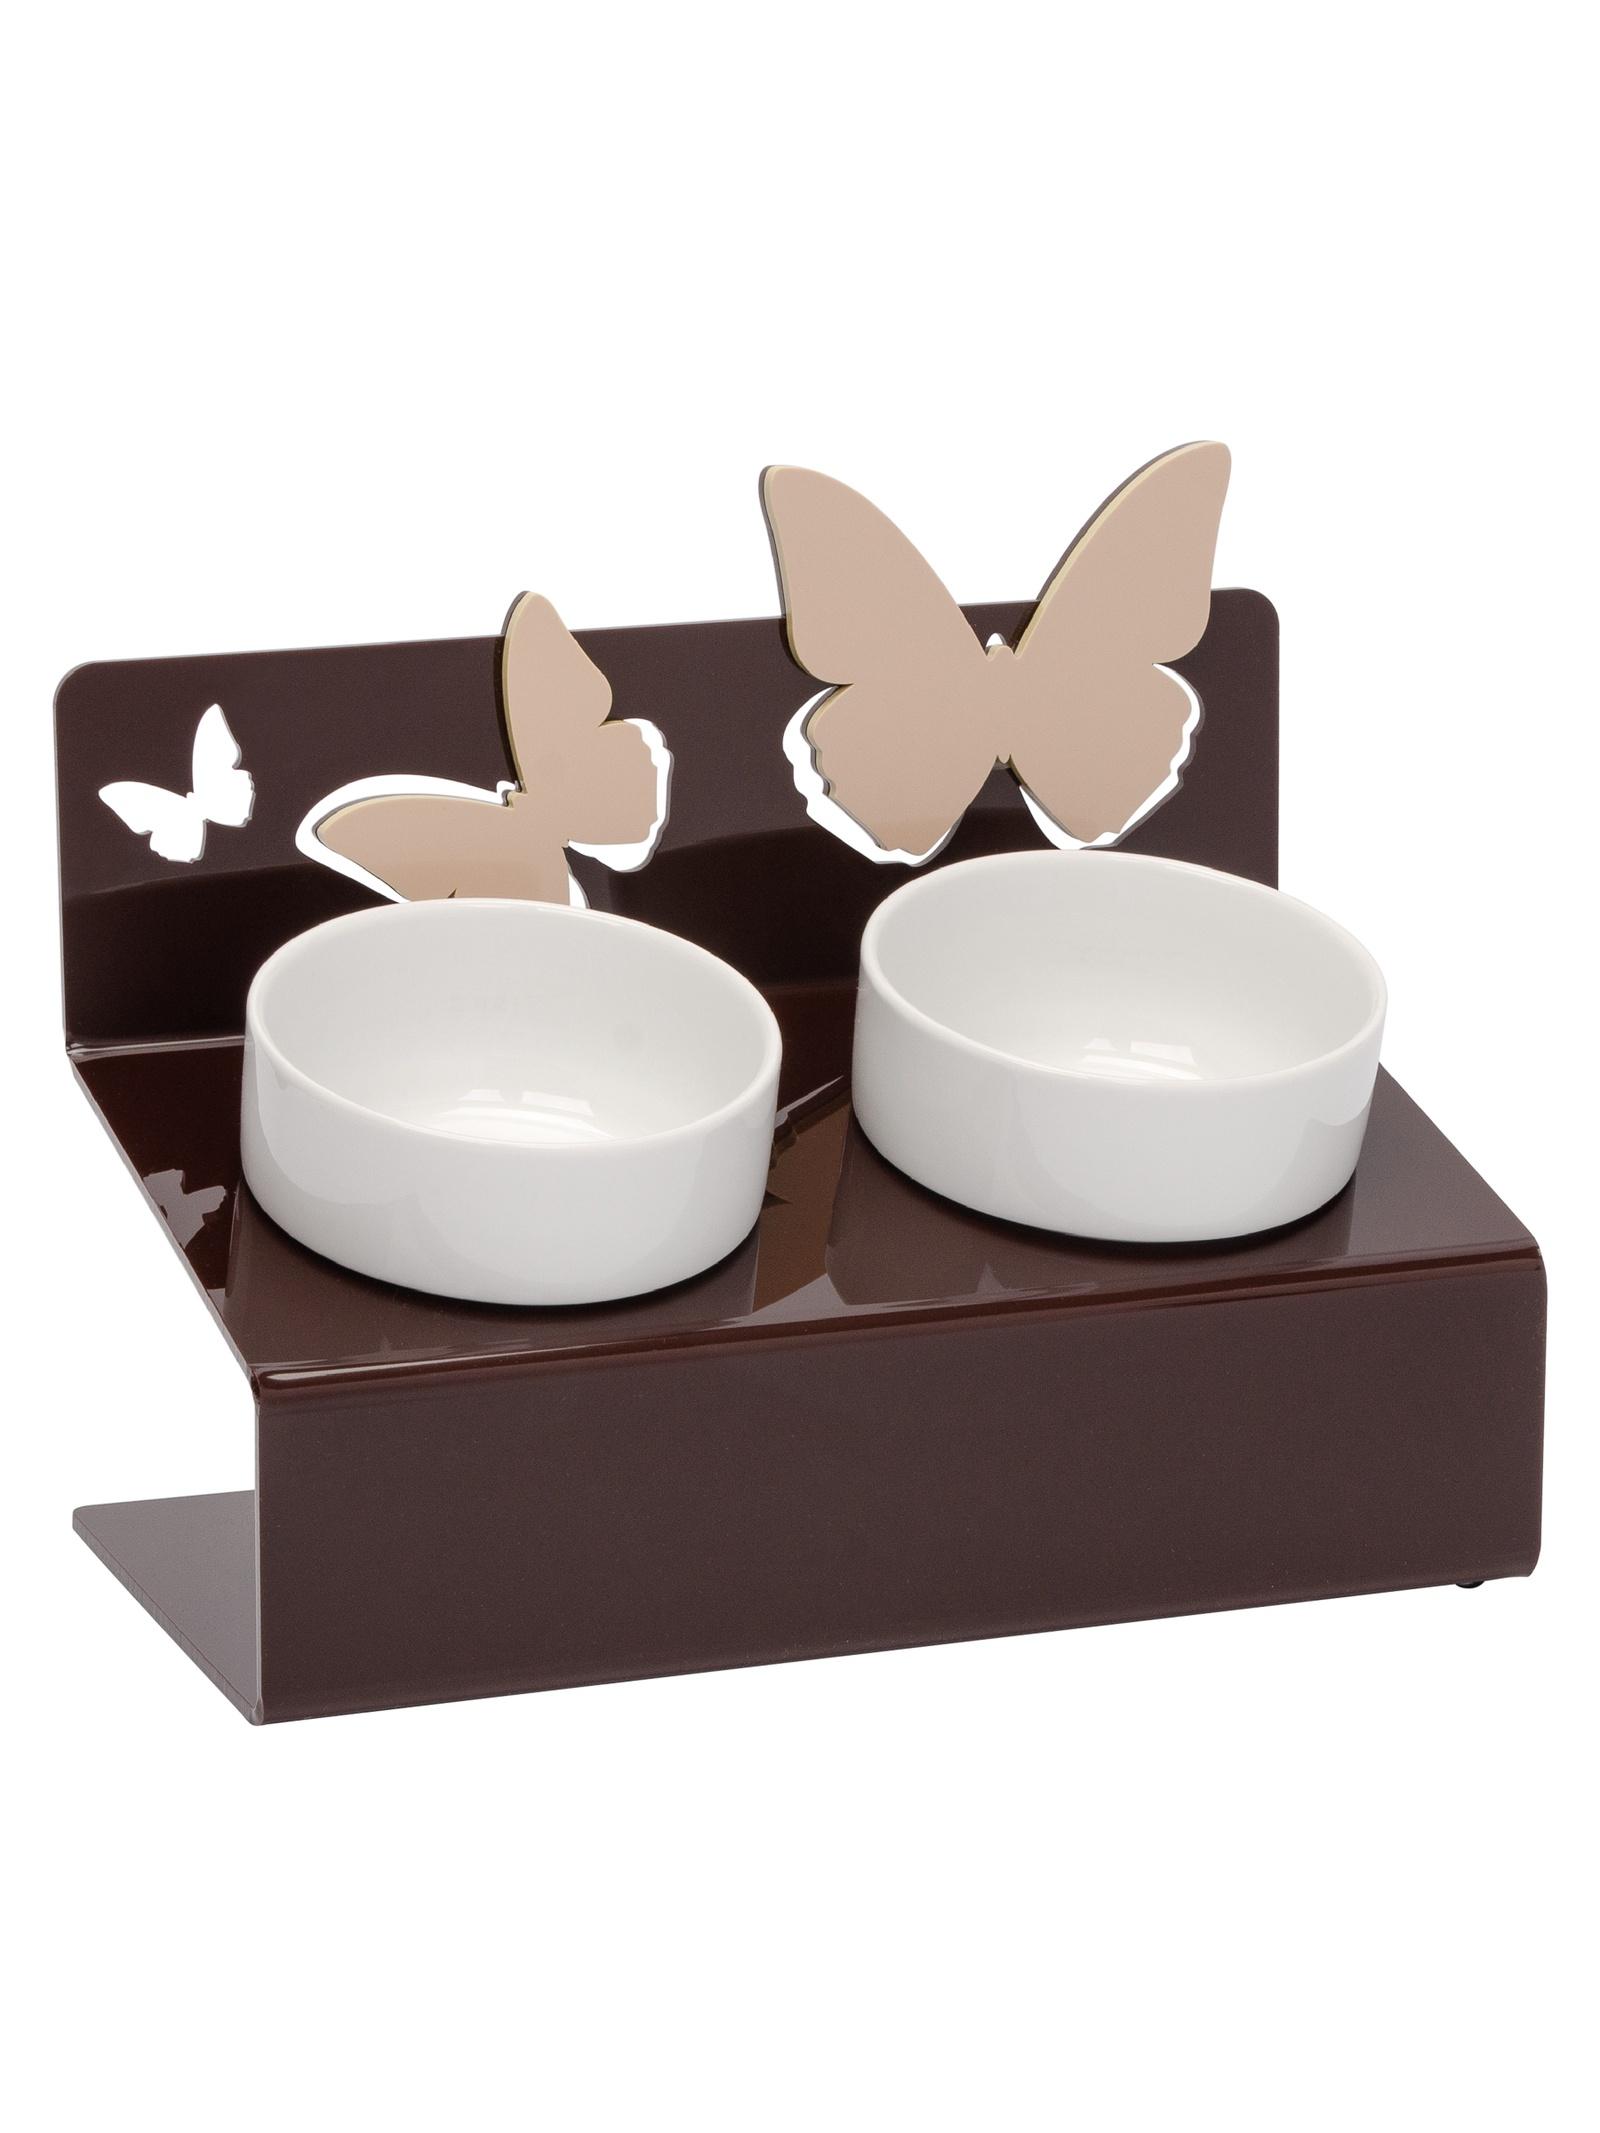 Миска для животных Artmiska Бабочки двойная XS, коричневый артмиска миска для животных artmiska кот и рыбы двойная на подставке кремовая 2 шт x 350 мл